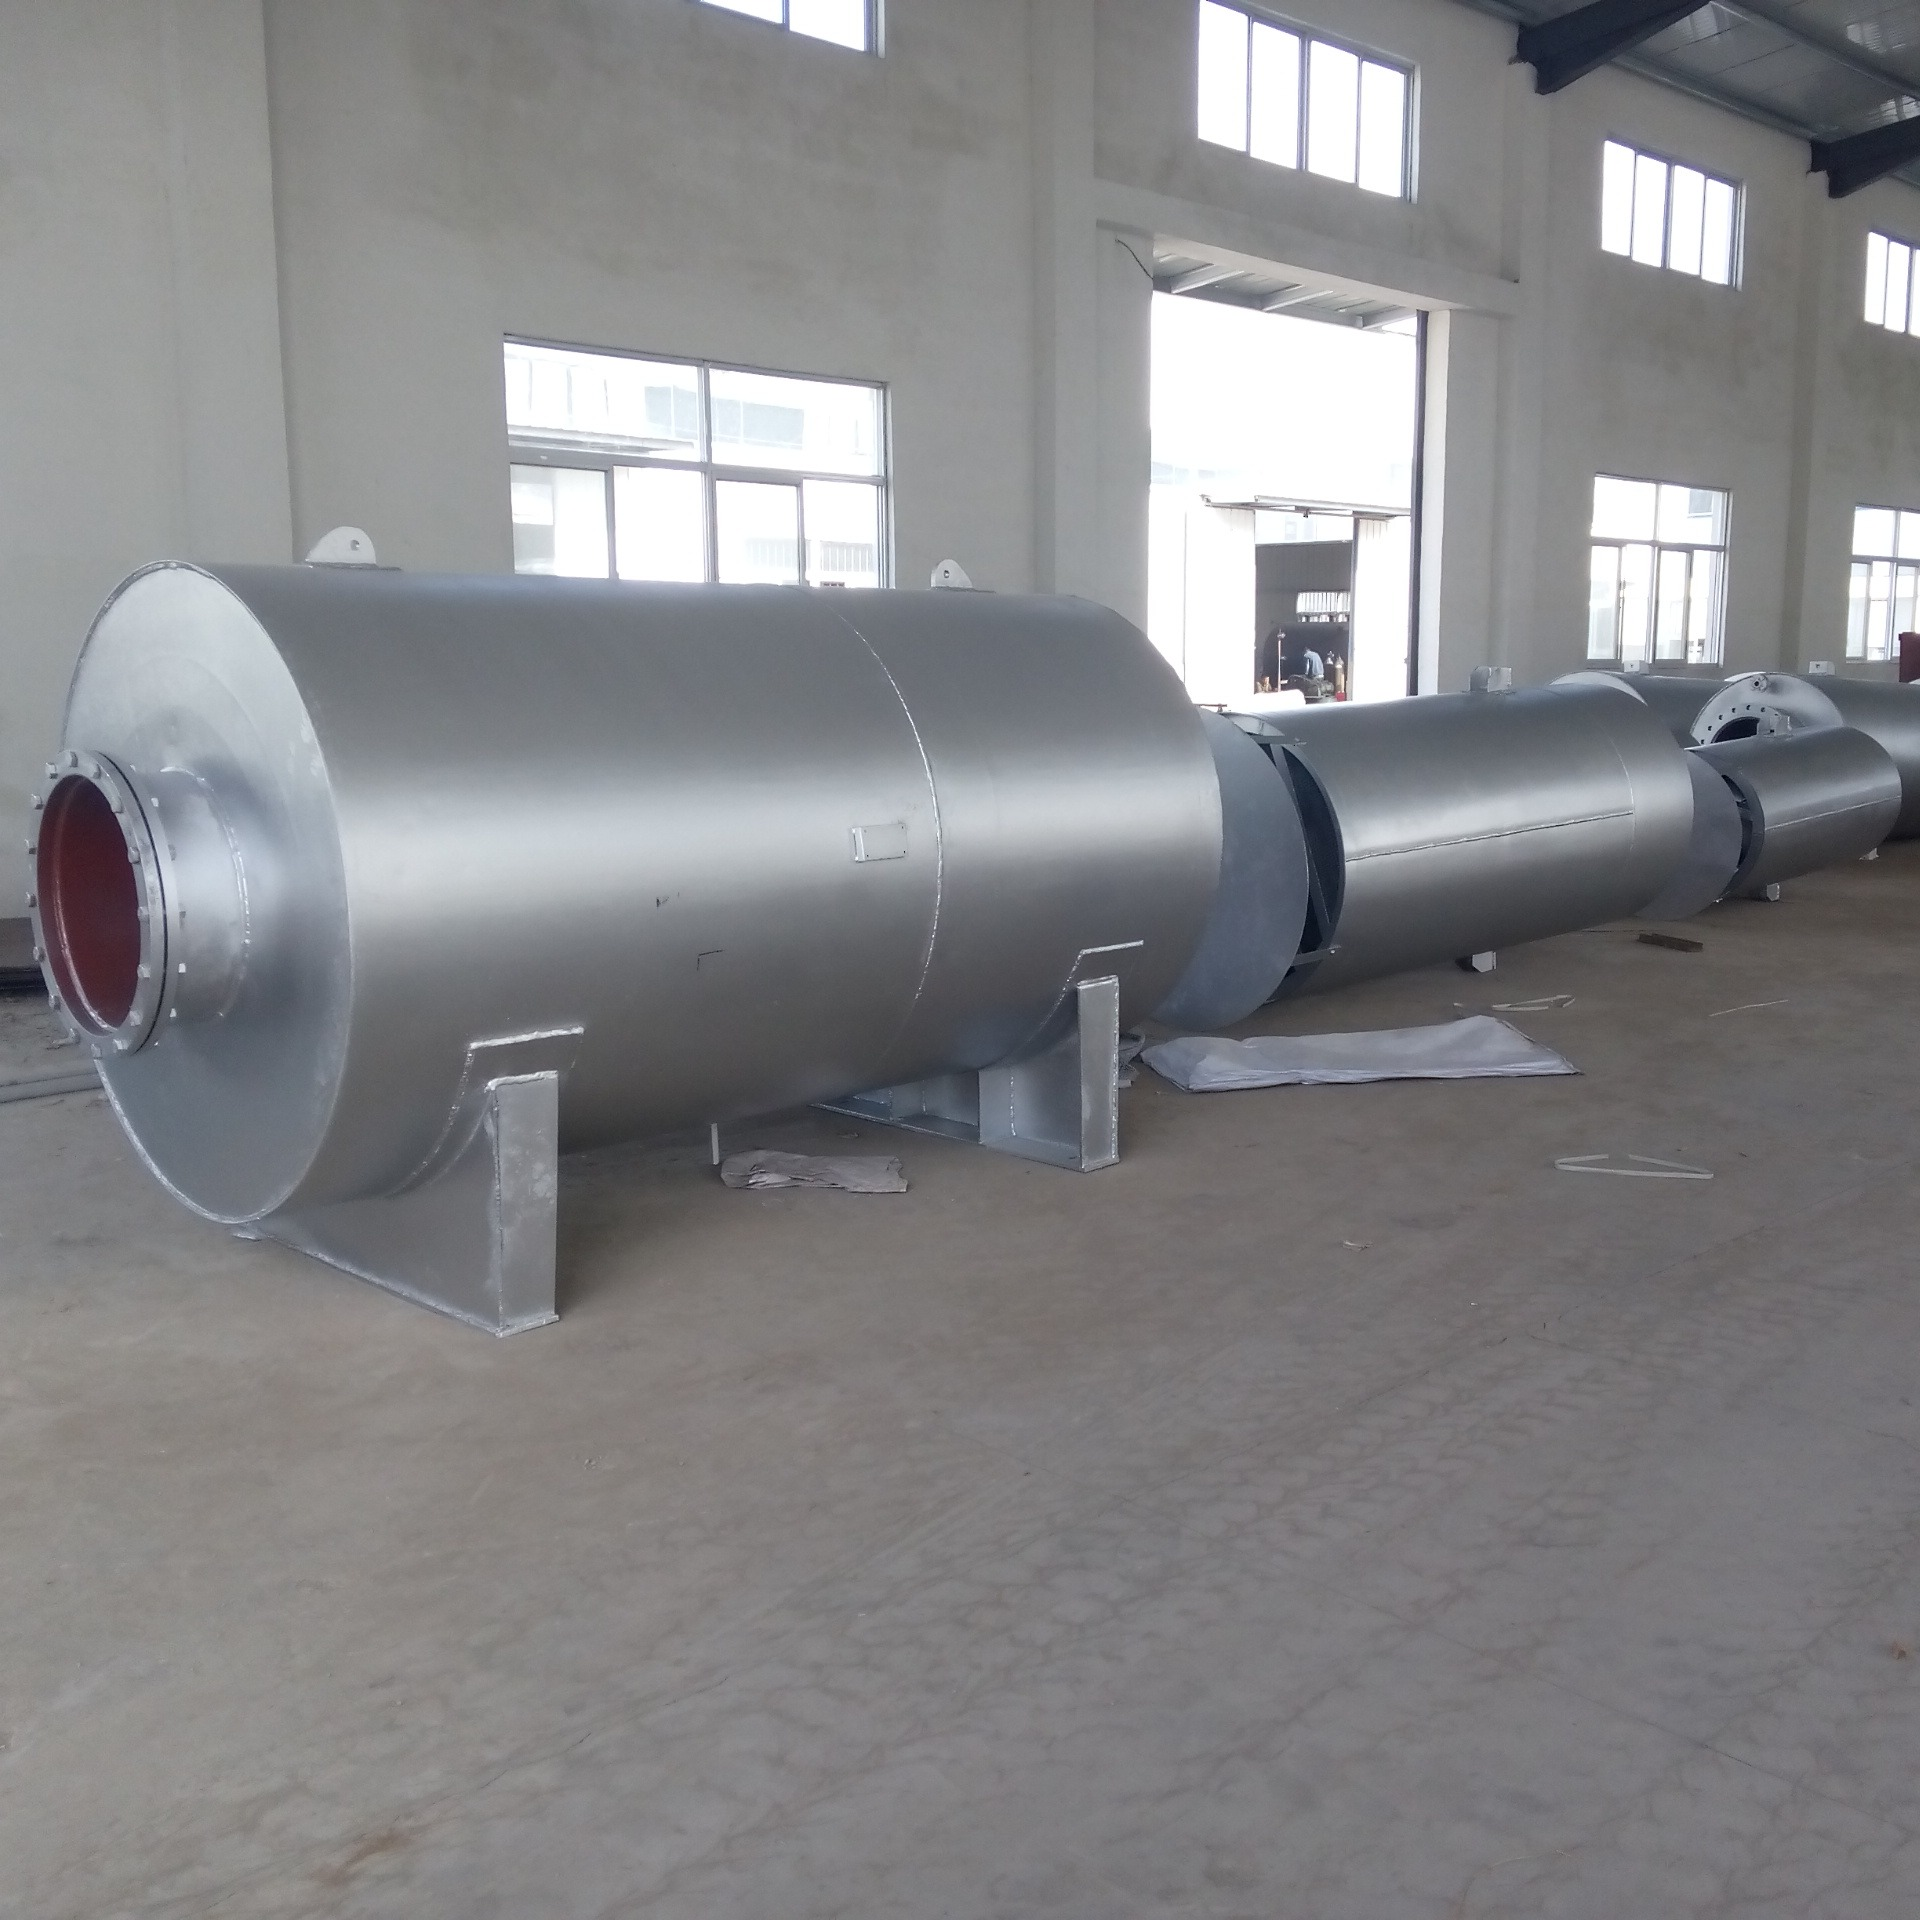 久盛生产锅筒安全阀消声器 锅筒安全阀消音器厂家  锅筒安全阀消声器制造